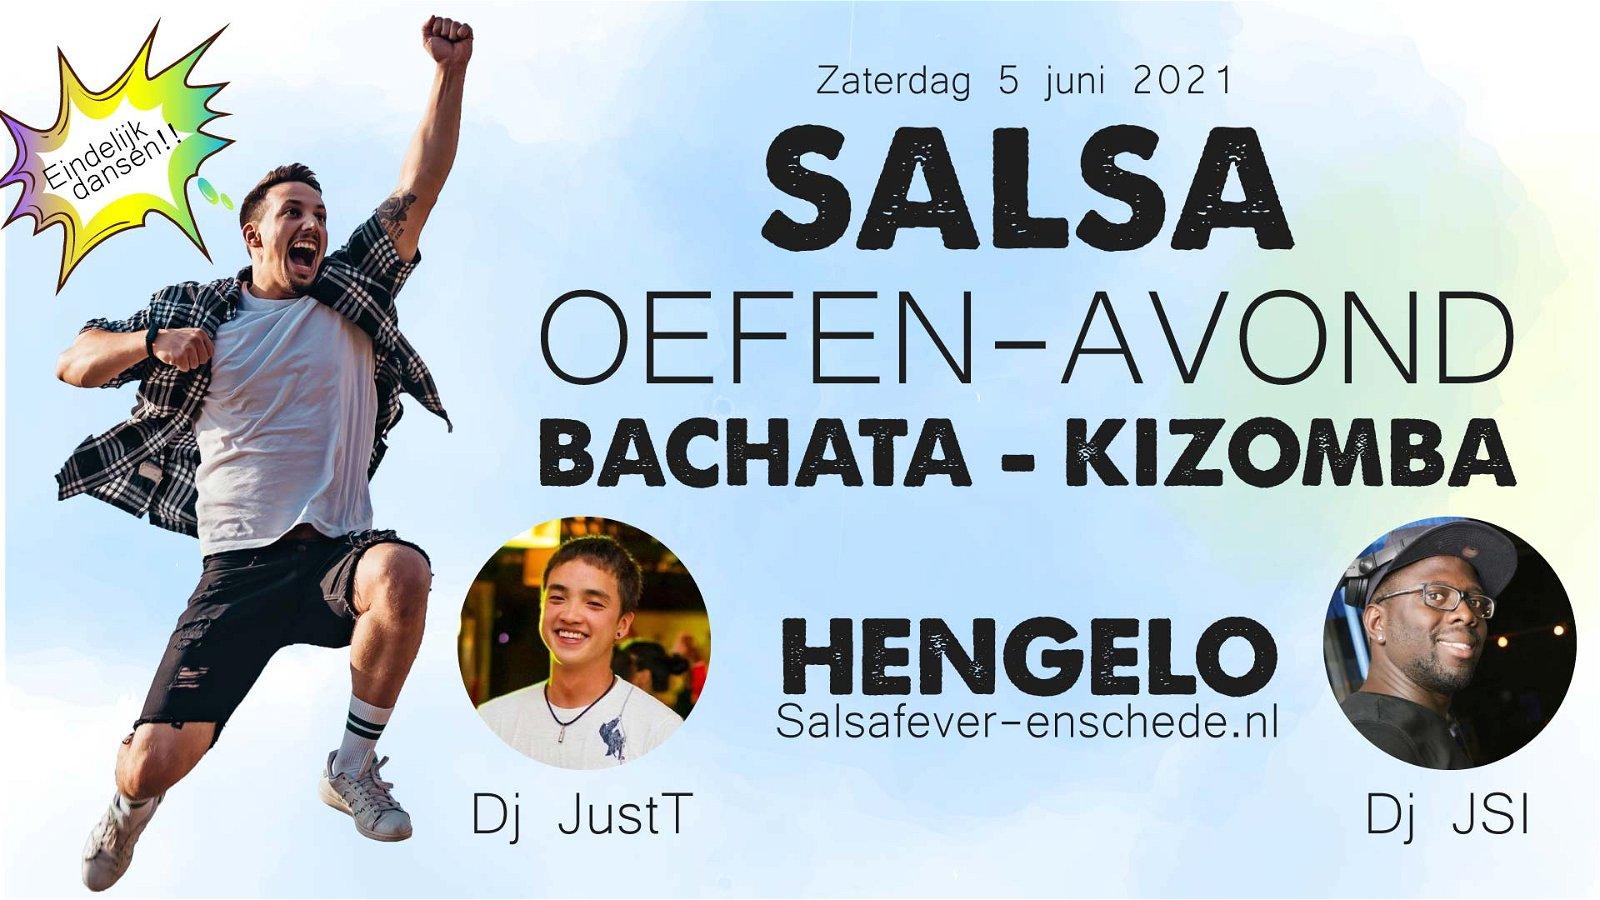 Salsa-hengelo-Salsafever-oefen-avond-01-01-salsafever-off-web2